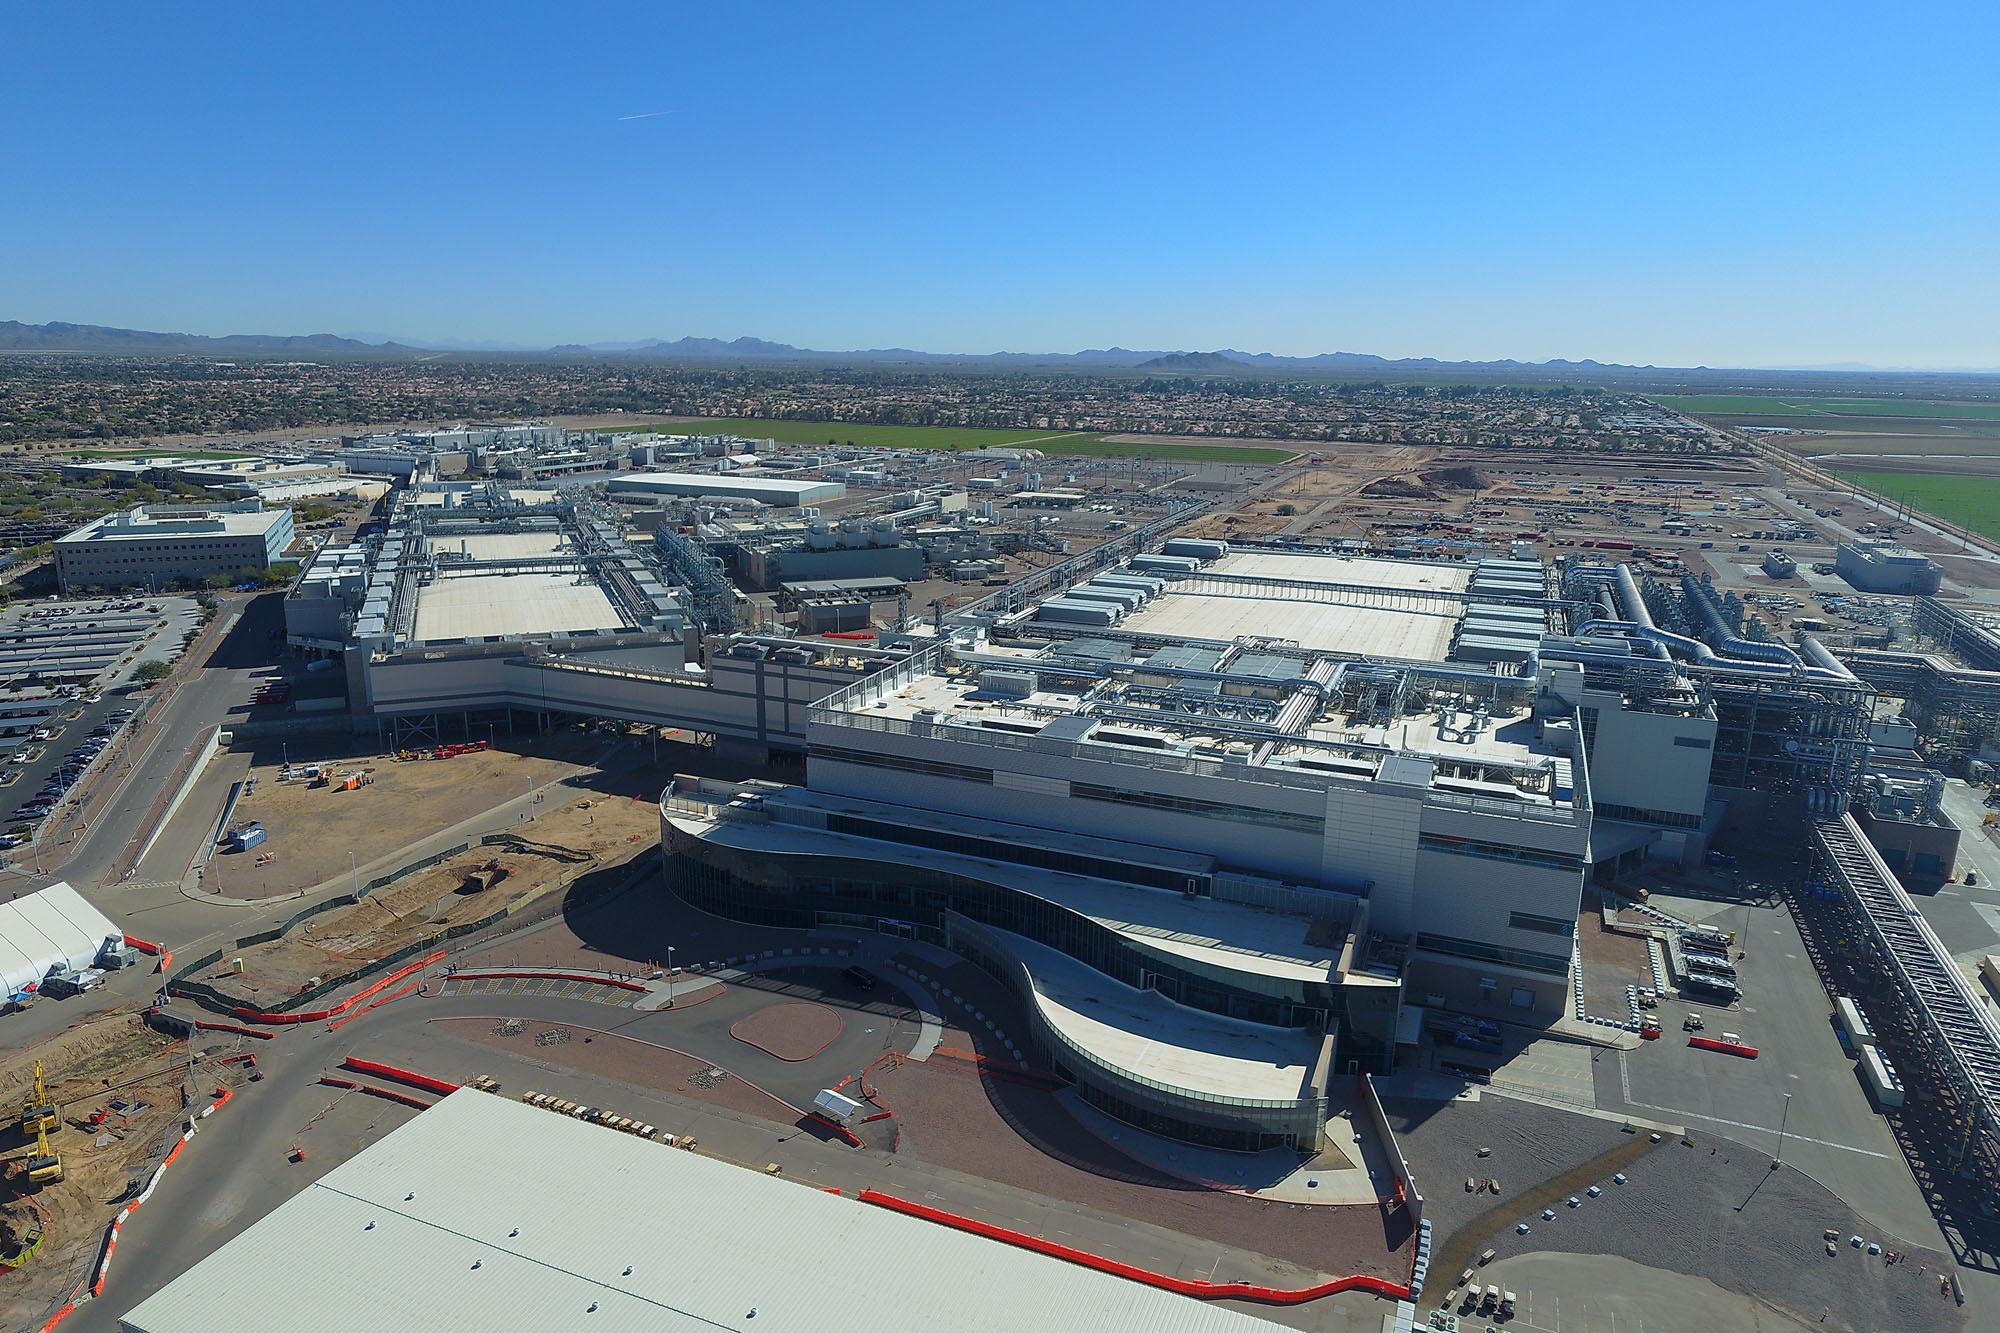 Intel's huidige chipfabriek in Ocotillo, Arizona, opende in 2020 de deuren en krijgt binnenkort al stevige uitbreiding., Intel